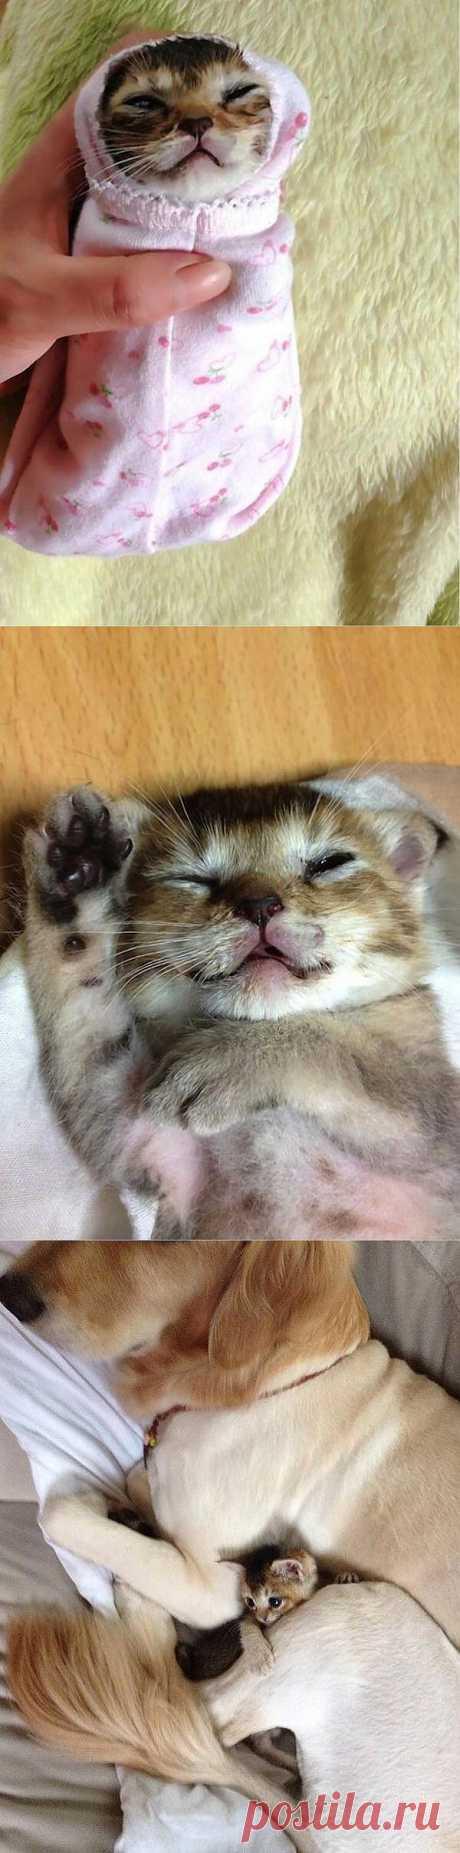 Трогательная история котенка по имени Васаби-чан : НОВОСТИ В ФОТОГРАФИЯХ